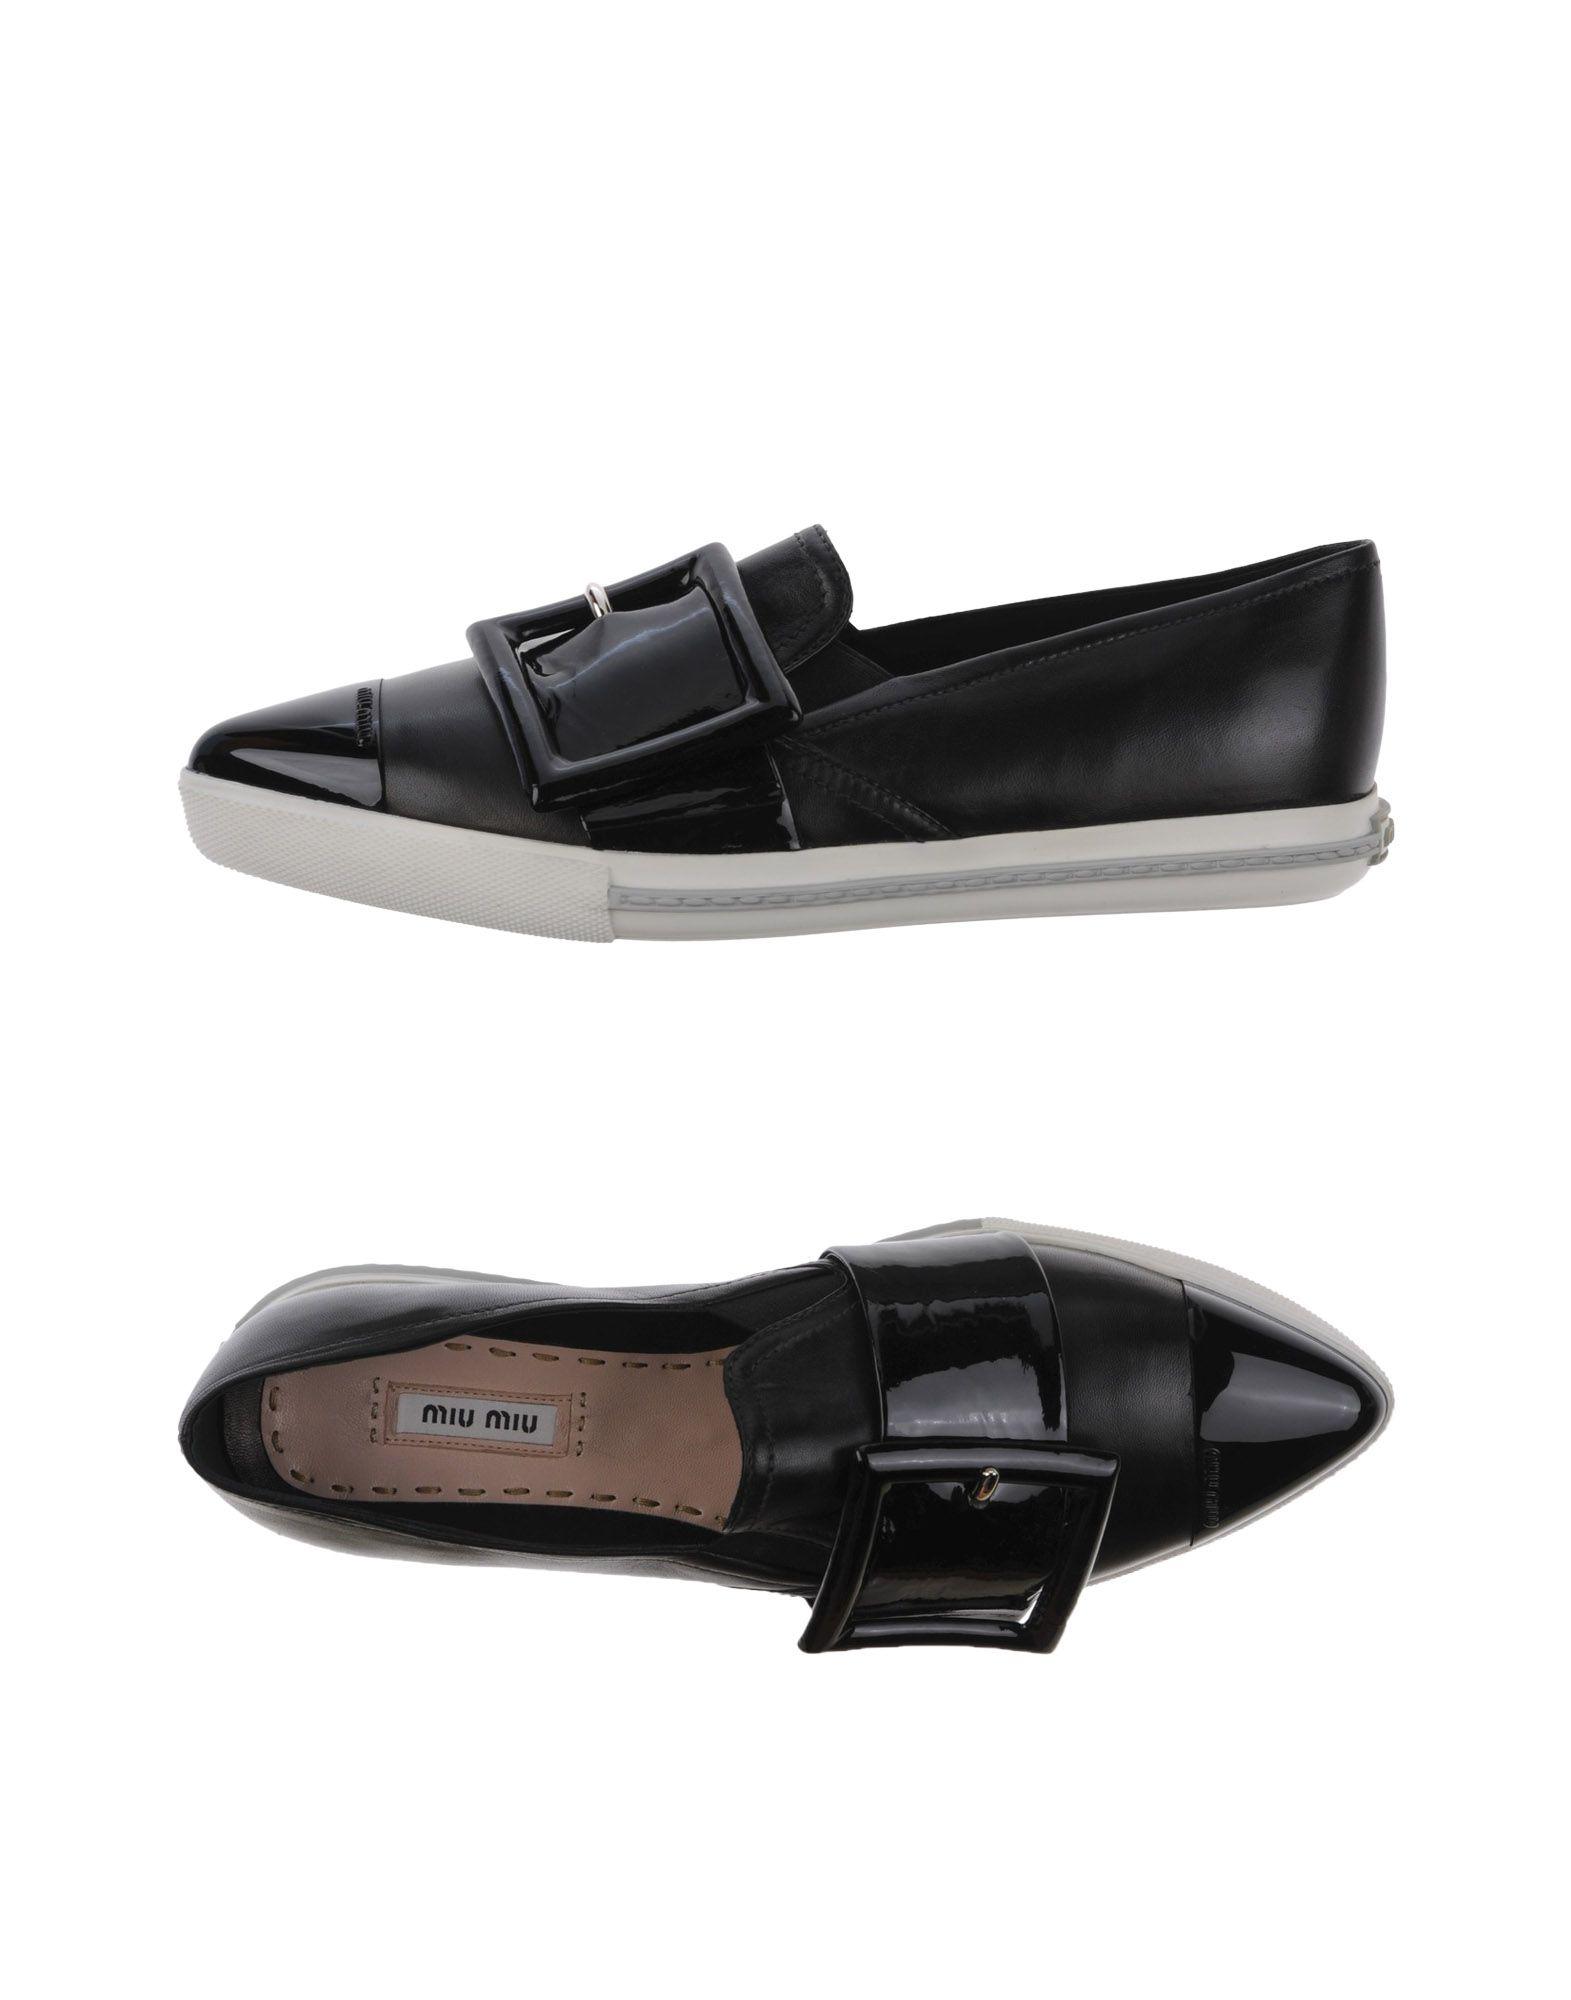 Miu Miu 11286233UUGünstige Sneakers Damen  11286233UUGünstige Miu gut aussehende Schuhe 464a93